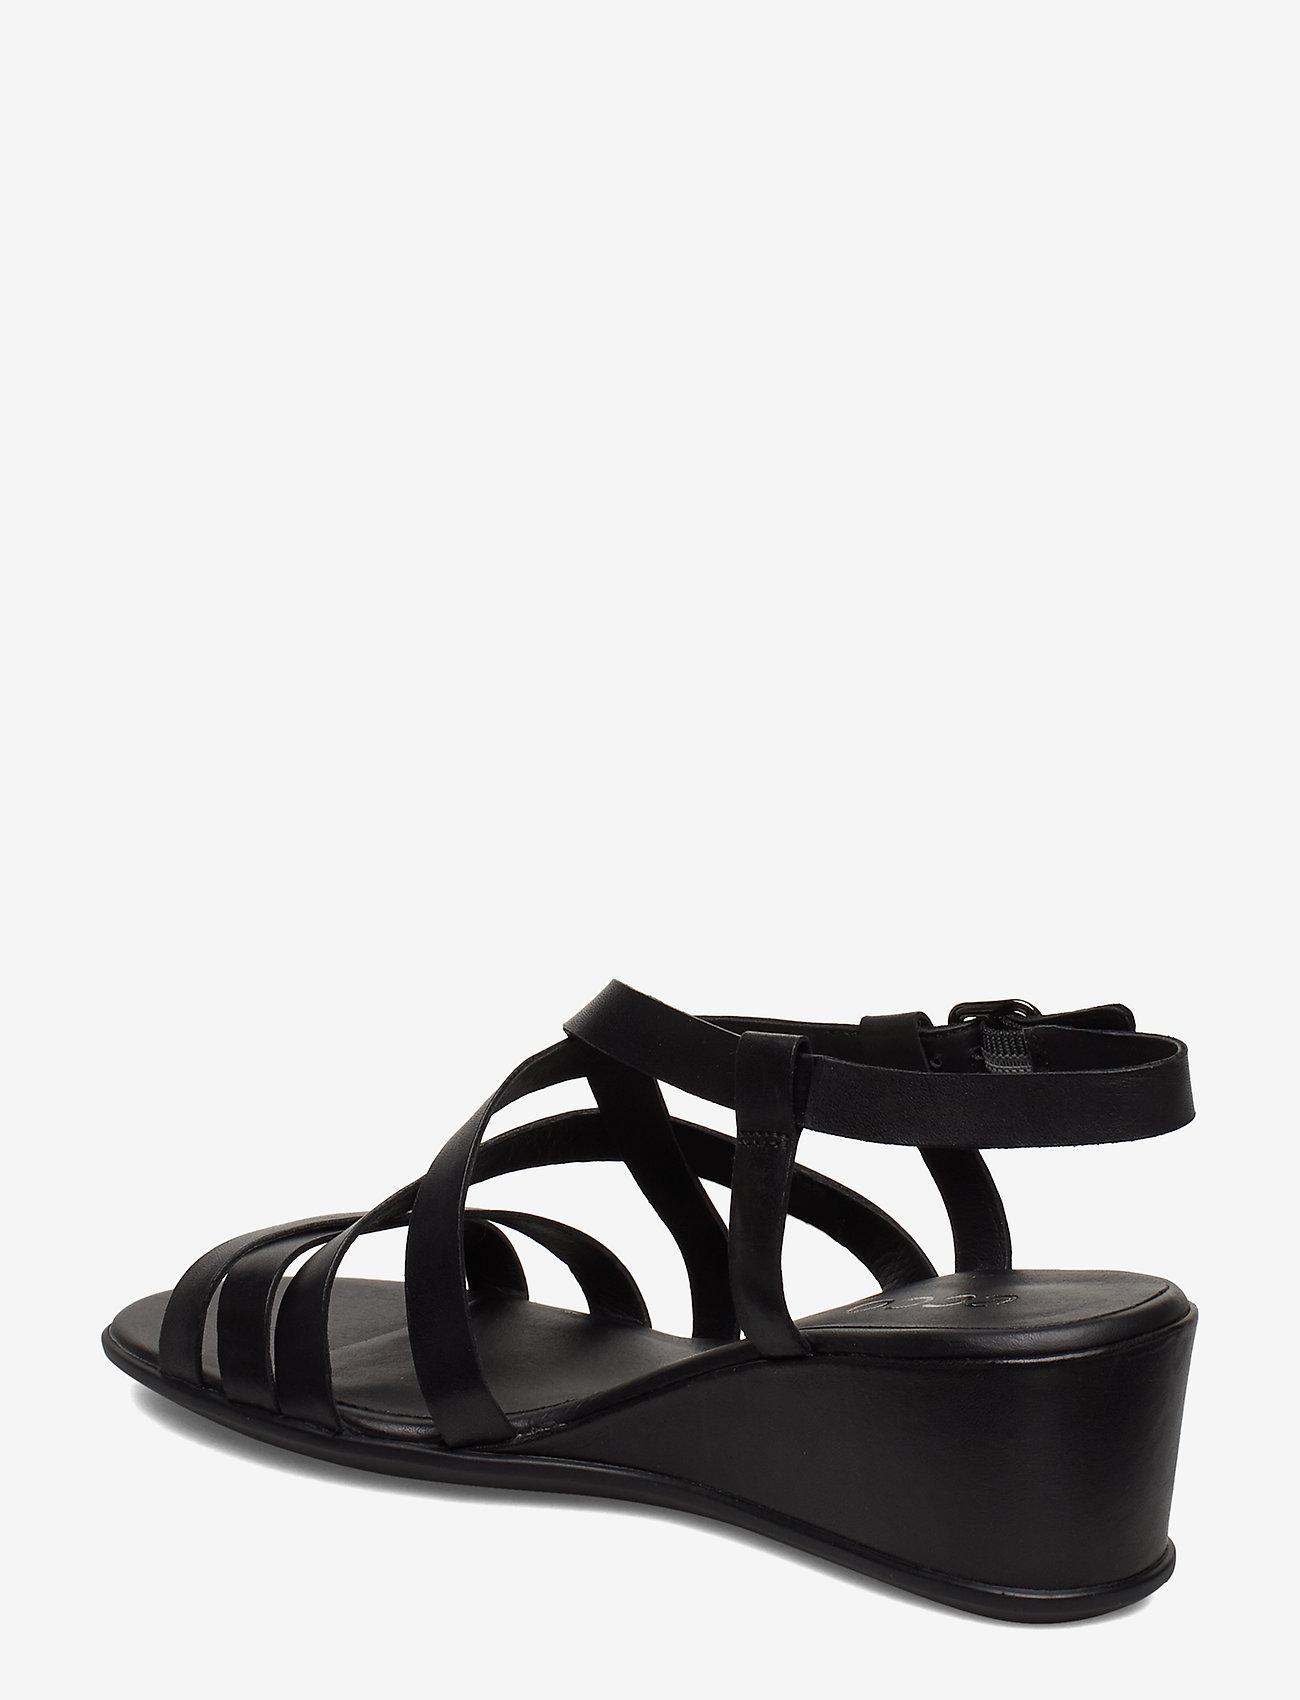 Shape 35 Wedge Sandal (Black) - ECCO